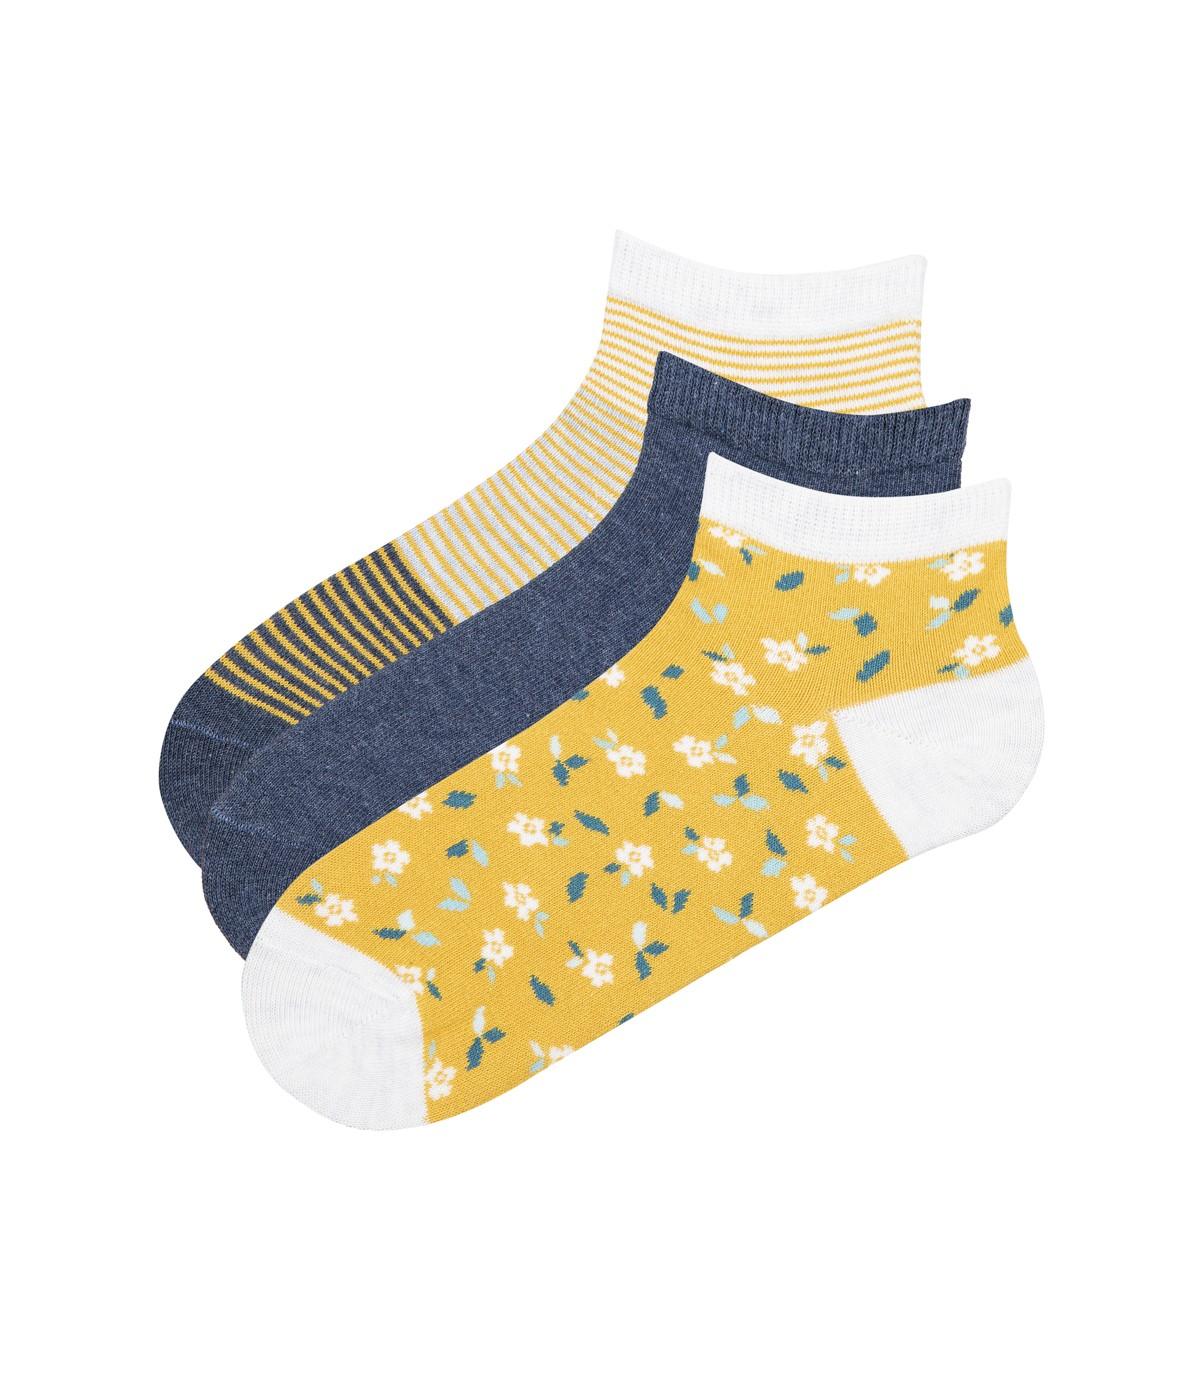 Mini 3 in 1 Liner Socks